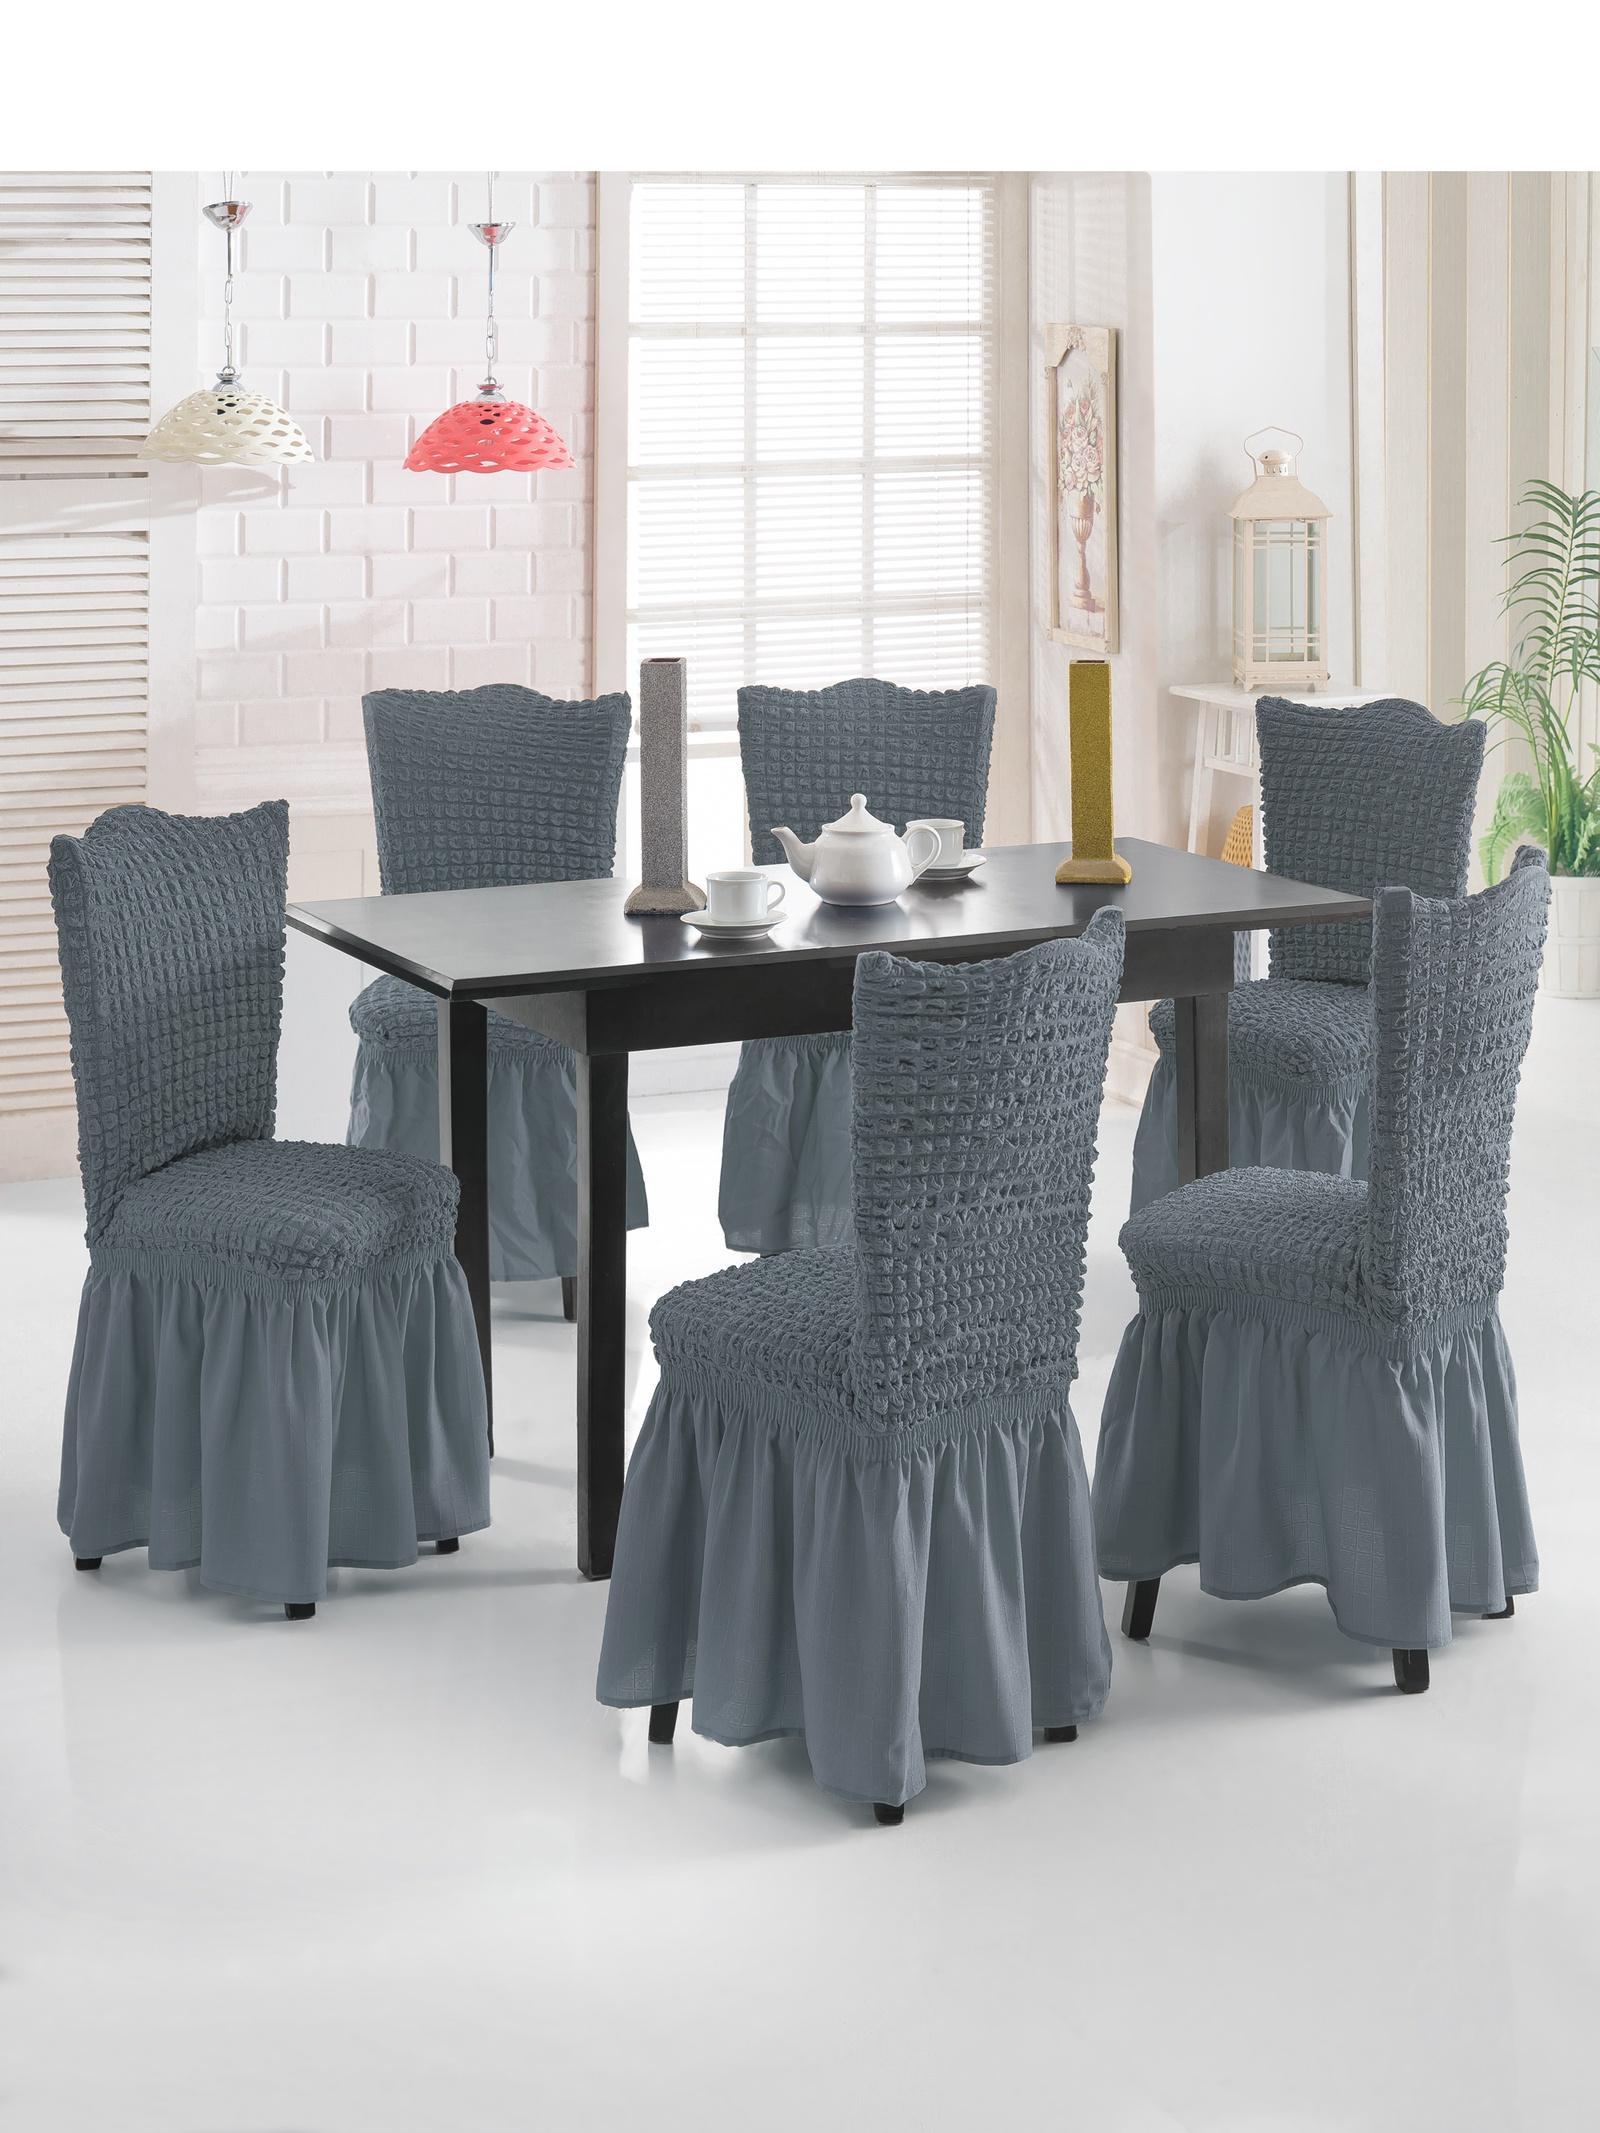 Чехол на мебель JUANNA Чехлы на стулья (6 шт.) JUANNA_серый, серый